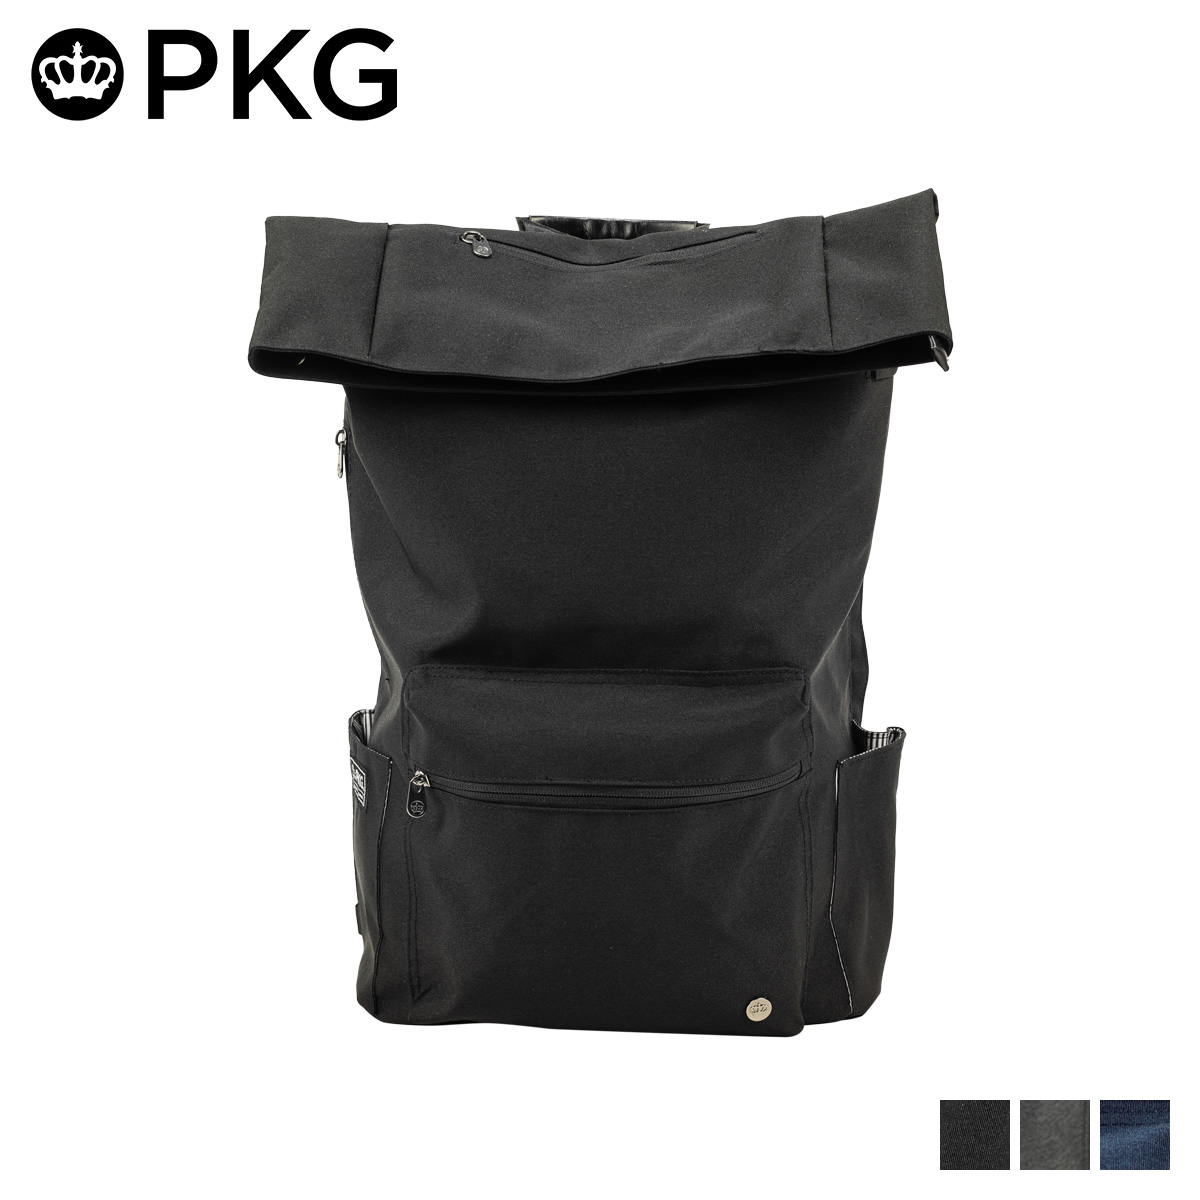 PKG BRIGHTON ピーケージー リュック バッグ バックパック メンズ レディース 25L ブラック グレー ネイビー 黒 24BR [198]